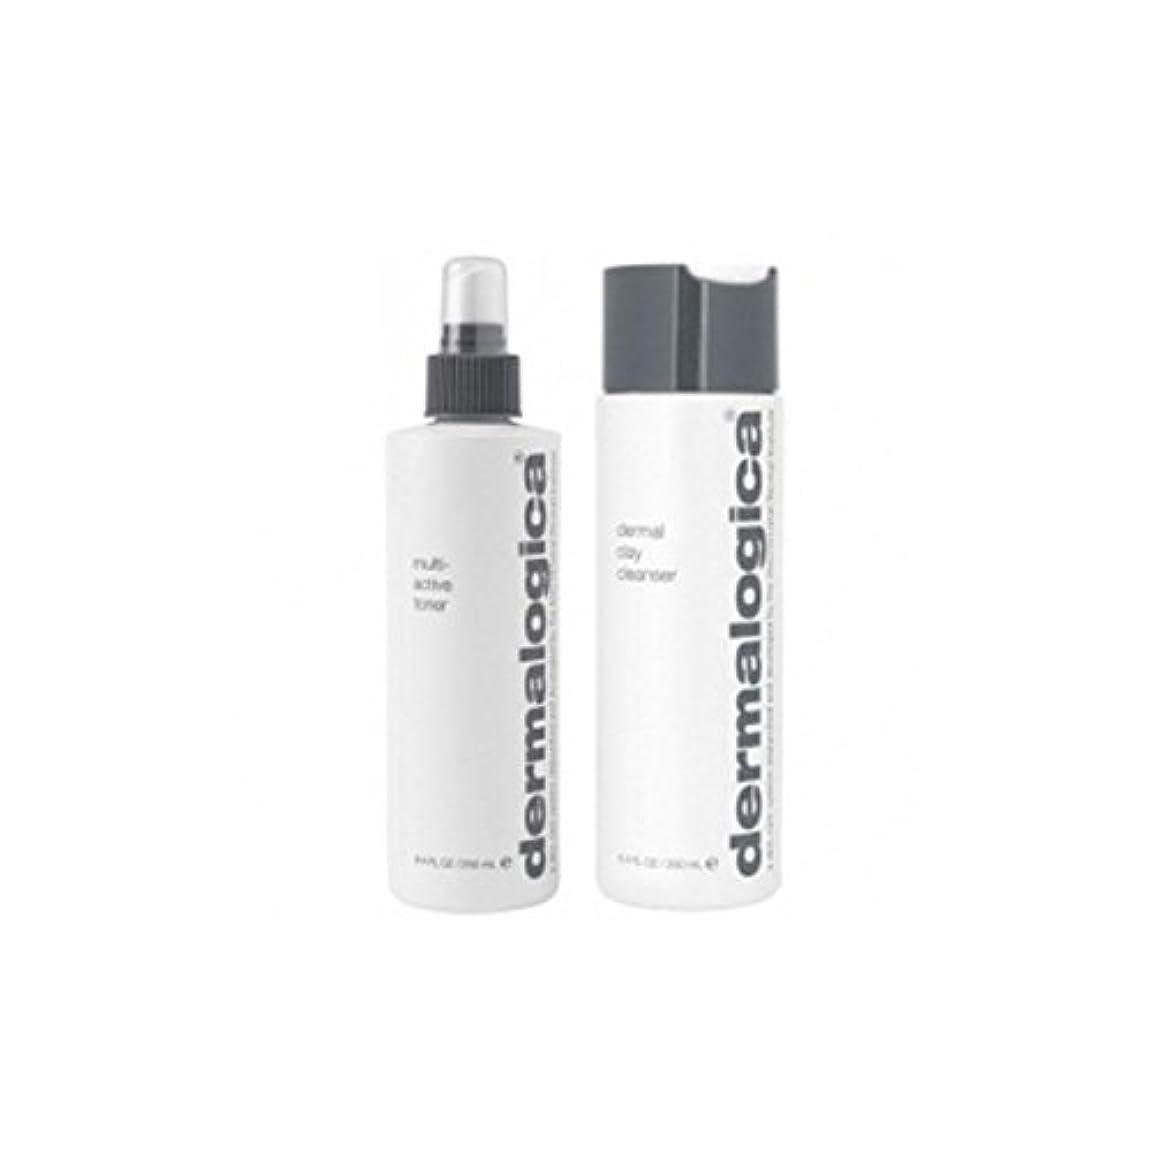 慣性貫入積分Dermalogica Cleanse & Tone Duo - Oily Skin (2 Products) - ダーマロジカクレンジング&トーンデュオ - 脂性肌(2製品) [並行輸入品]